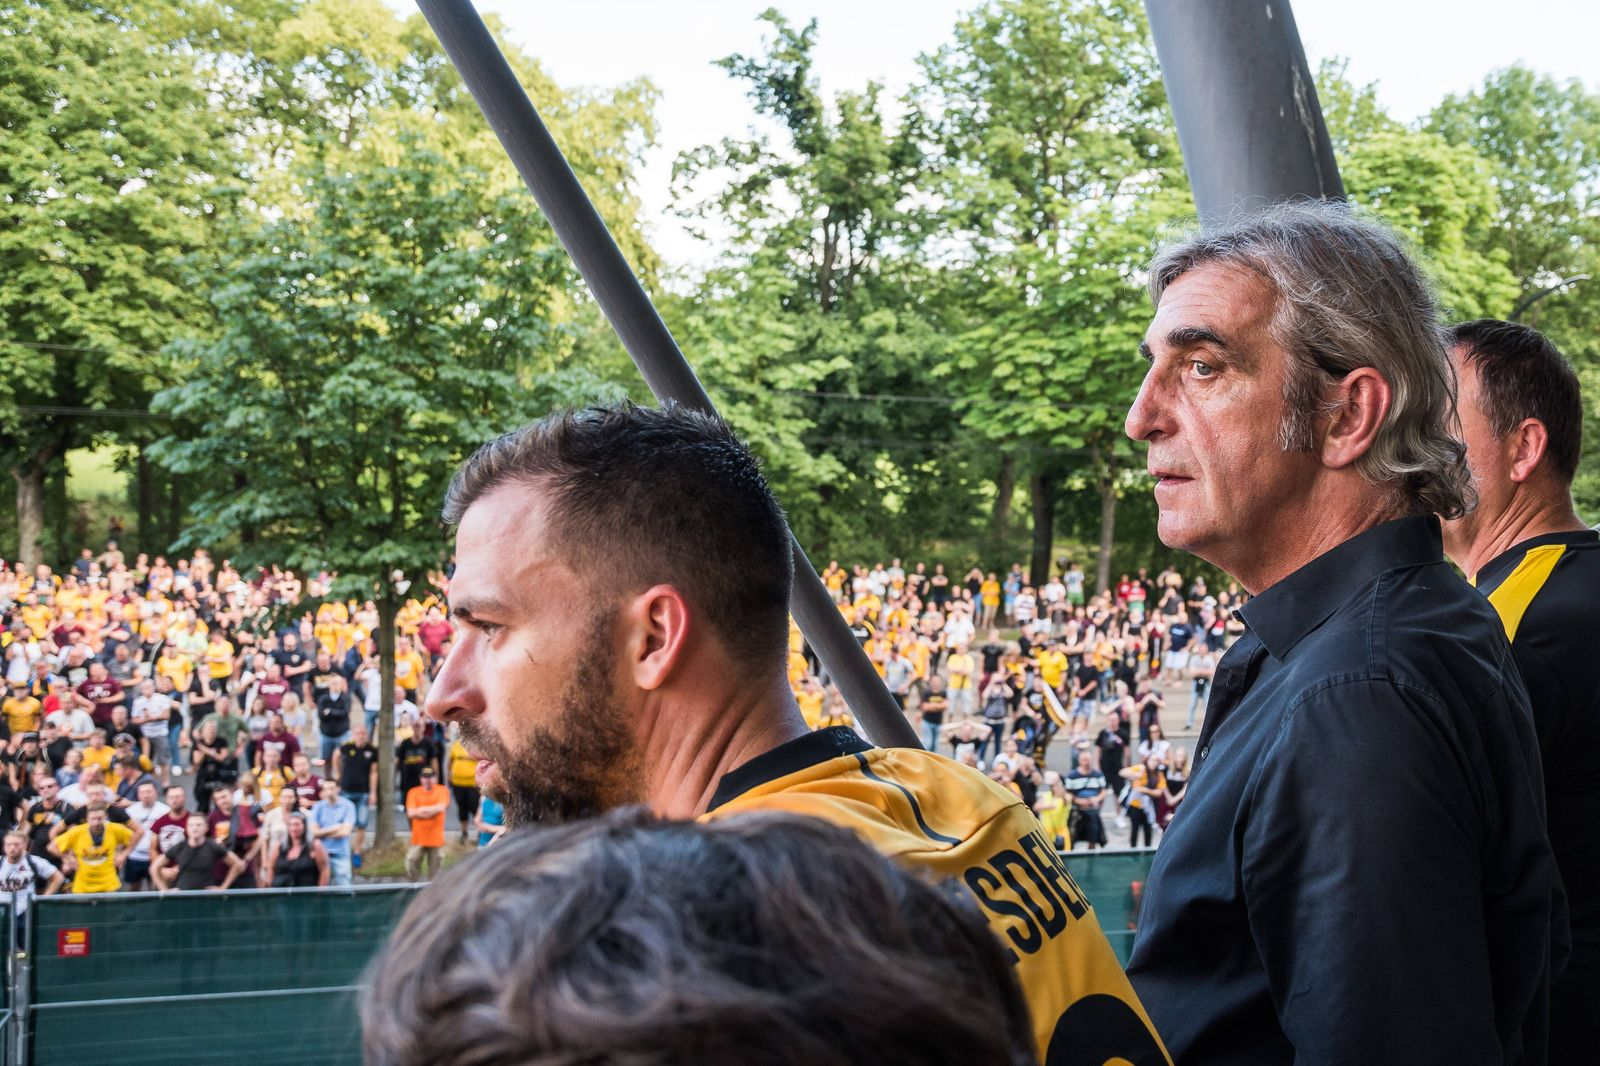 Tausende Dynamofans feiern ihre Mannschaft und den scheidenden Sportdirektor Ralf Minge (rechts) nach dem Ende des Spie